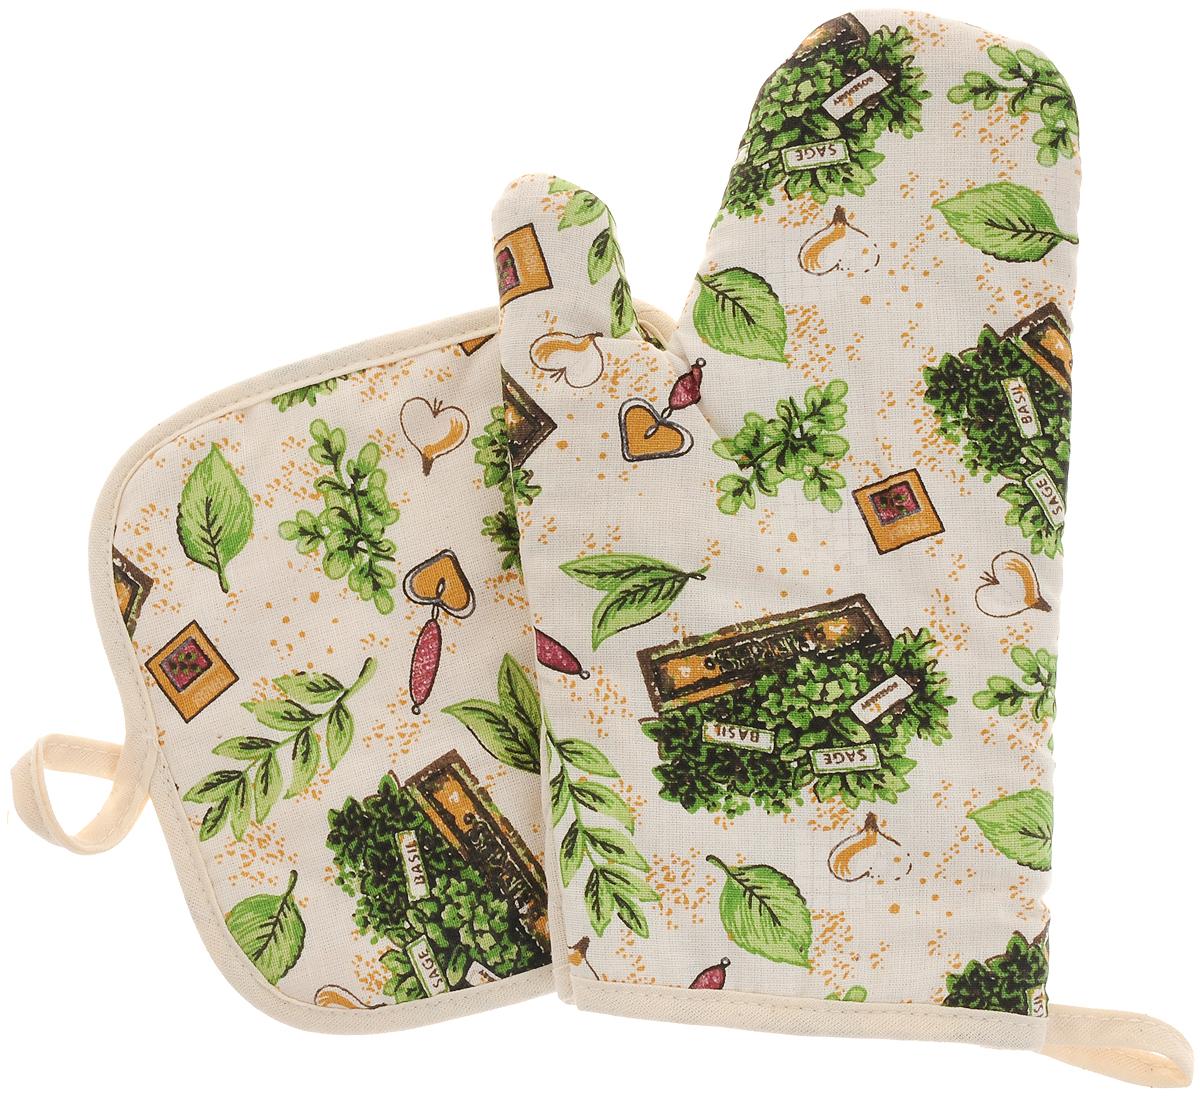 Набор прихваток Bonita Травы, 2 предмета12000753Набор Bonita Травы состоит из прихватки-рукавицы и квадратной прихватки. Изделия выполнены из натурального хлопка и декорированы оригинальным рисунком. Прихватки простеганы, а края окантованы. Оснащены специальными петельками, за которые их можно подвесить на крючок в любом удобном для вас месте. Такой набор красиво дополнит интерьер кухни. Размер прихватки-рукавицы: 16 х 28 см.Размер прихватки: 17 х 17 см.